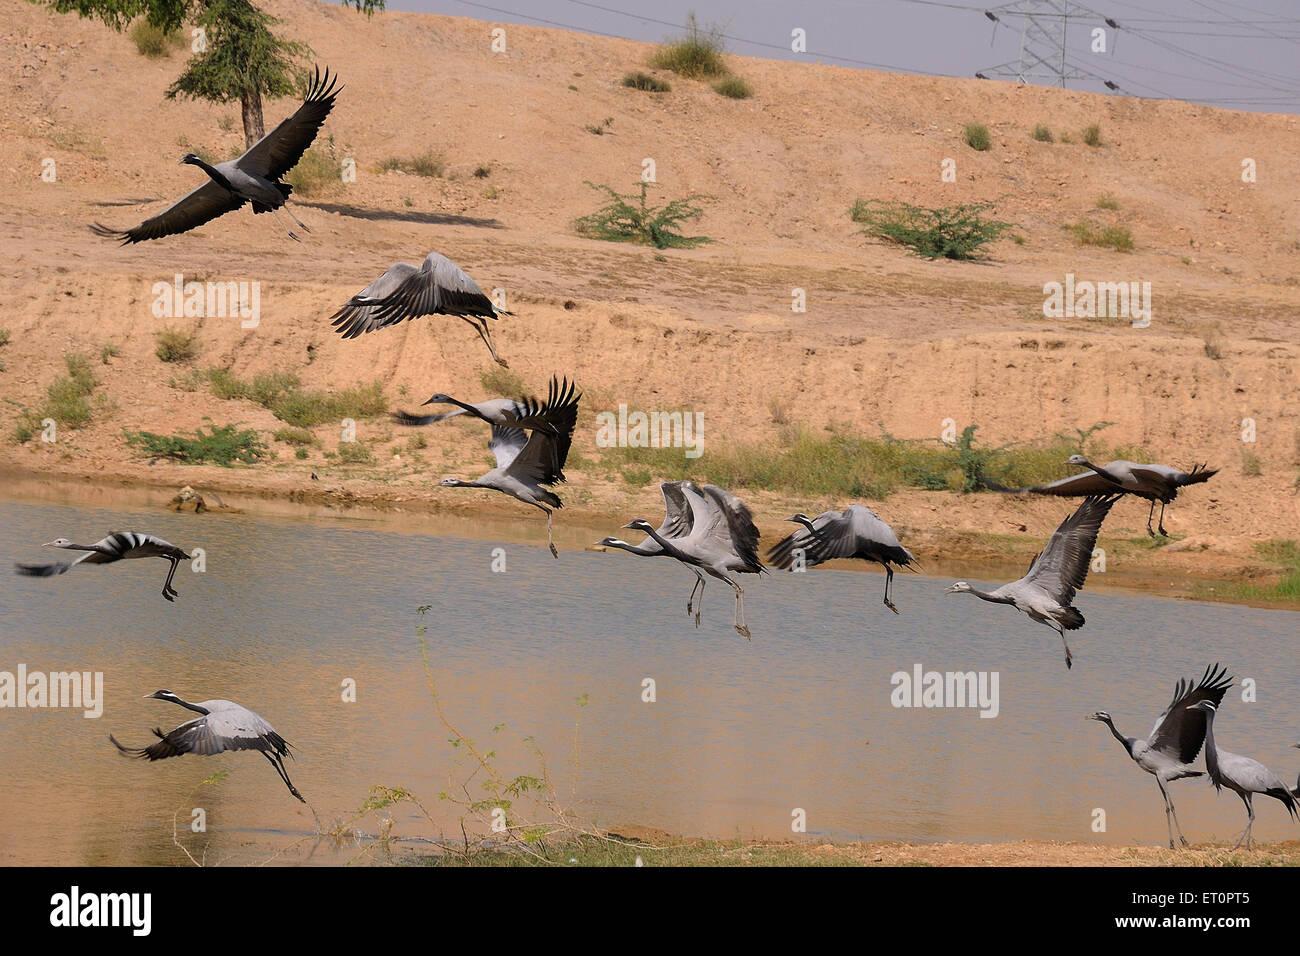 Pájaros volando cerca del estanque grúas ; ; ; ; Rajasthan Jodhpur India Foto de stock